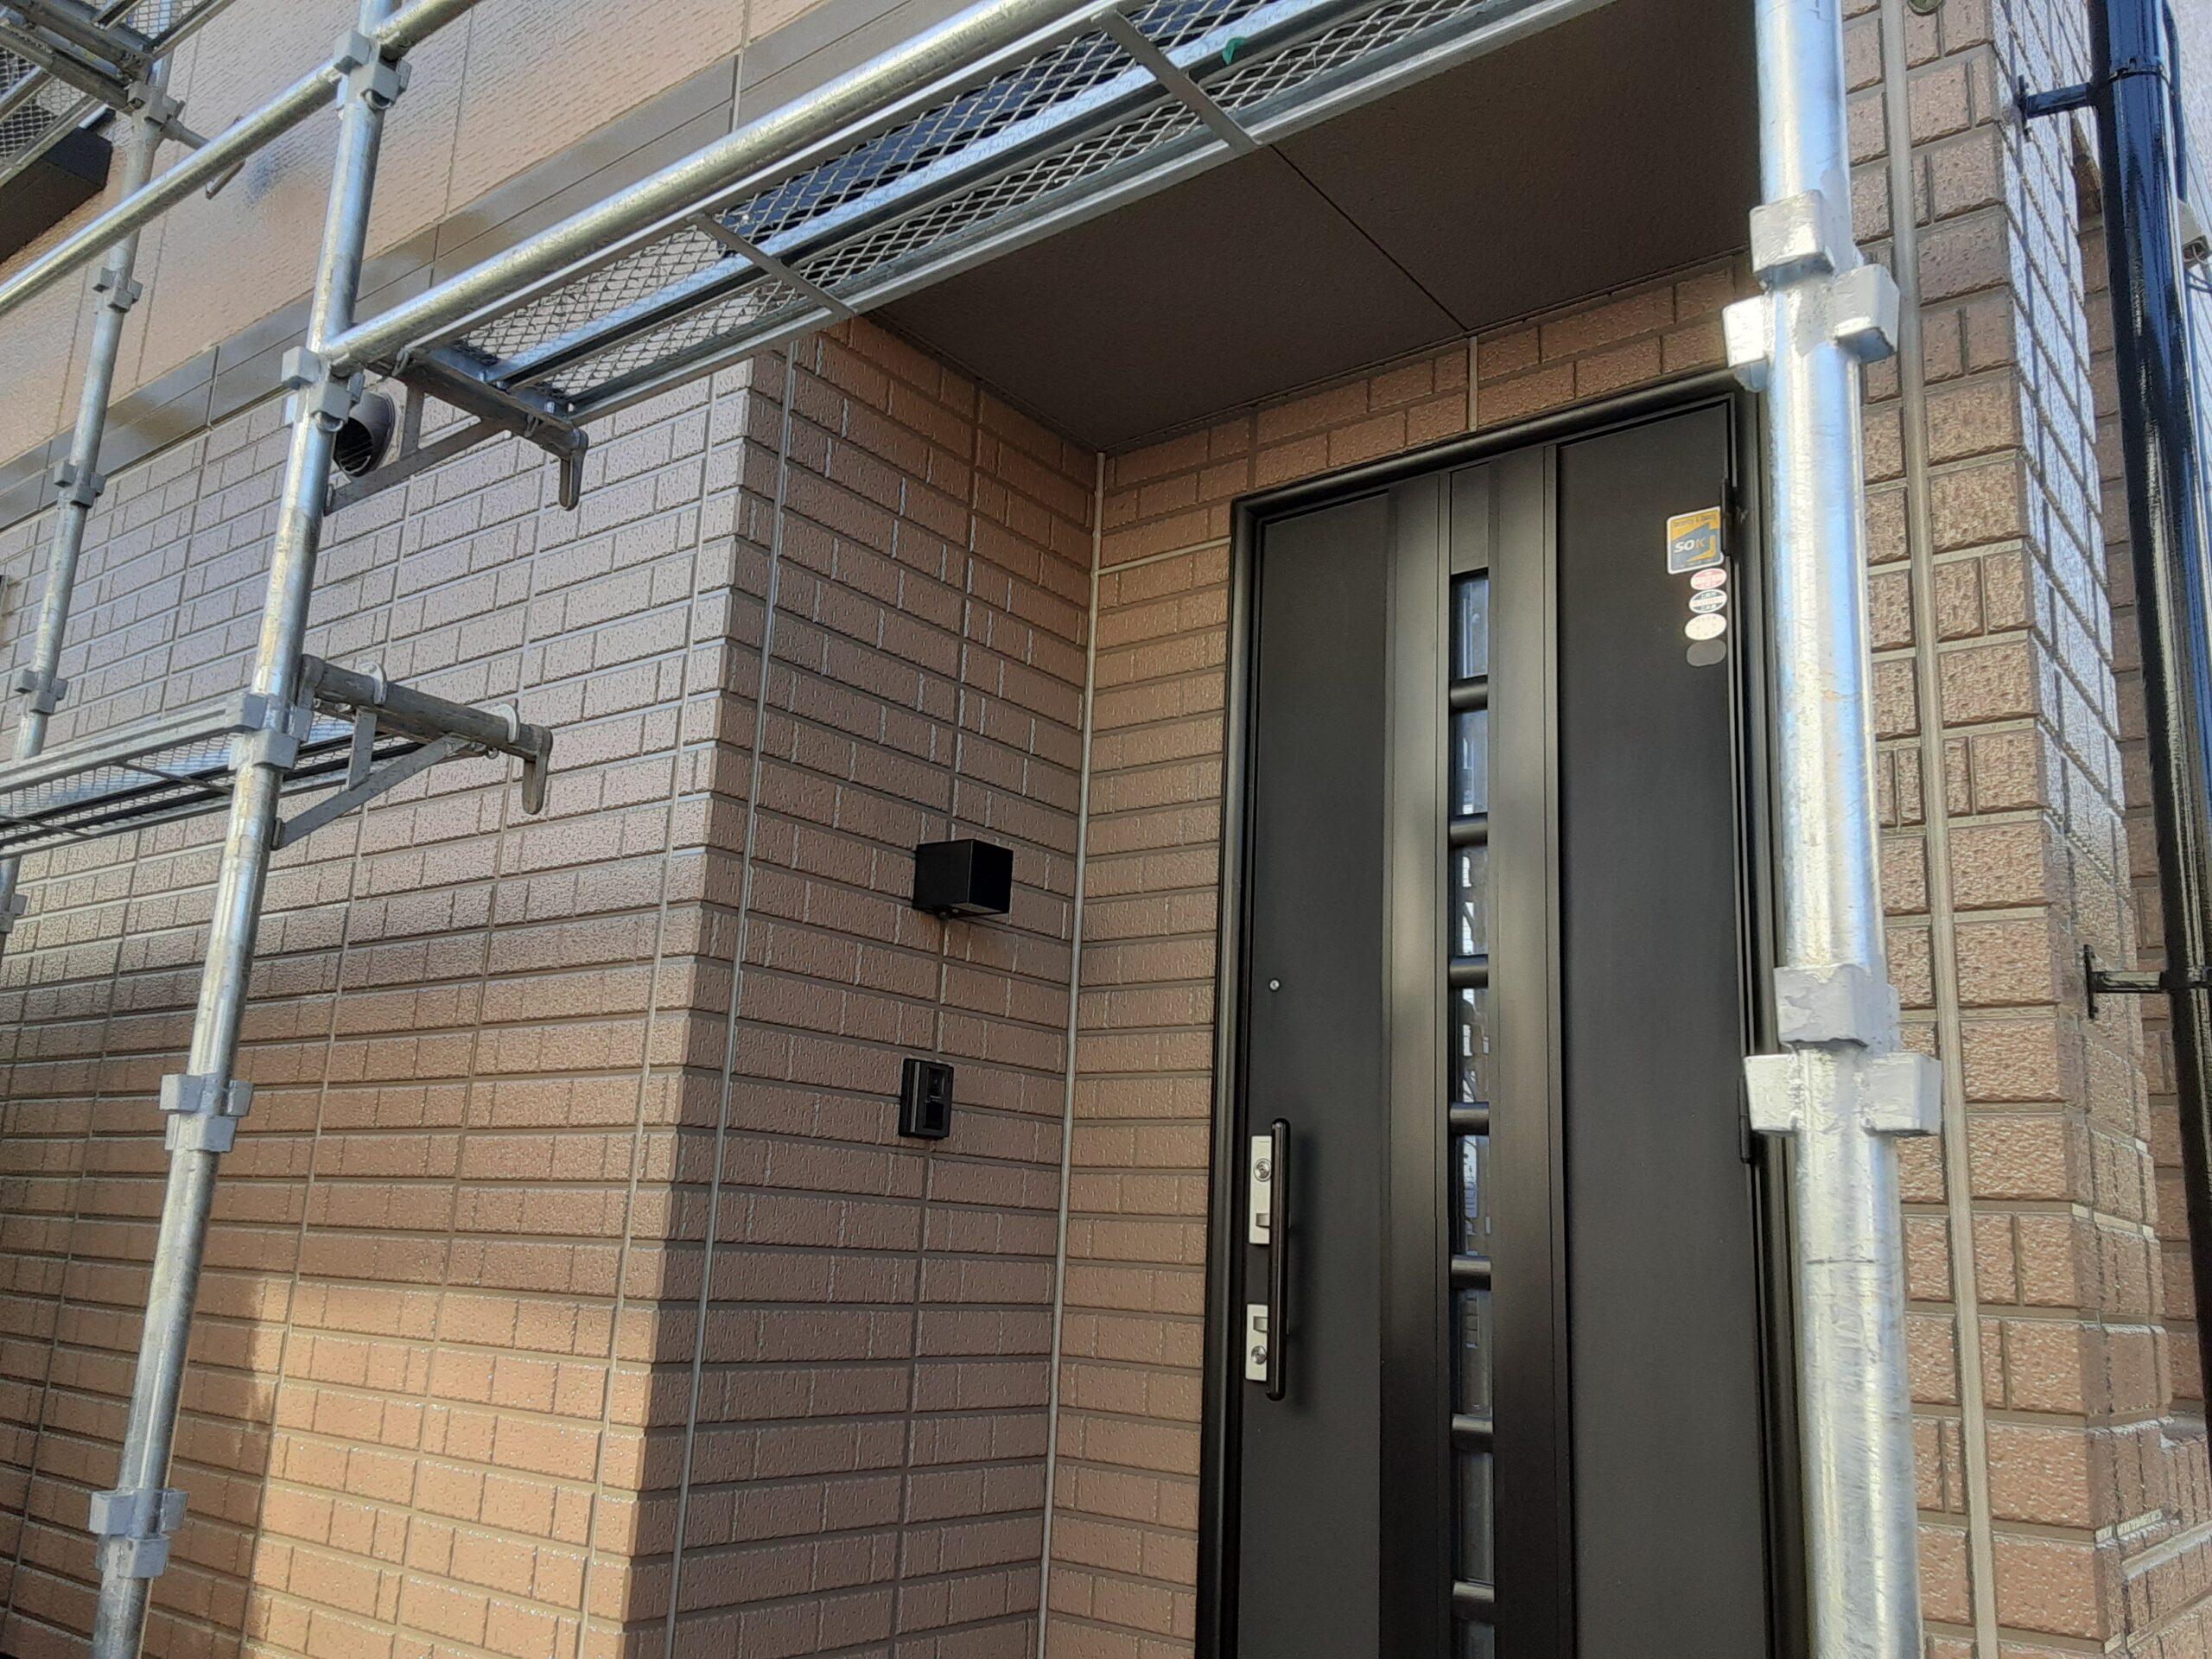 コーキングの打ち替え、外壁サッシなどの掃除/さいたま市西区の(木造2階建て)N様邸にて塗り替えリホーム中